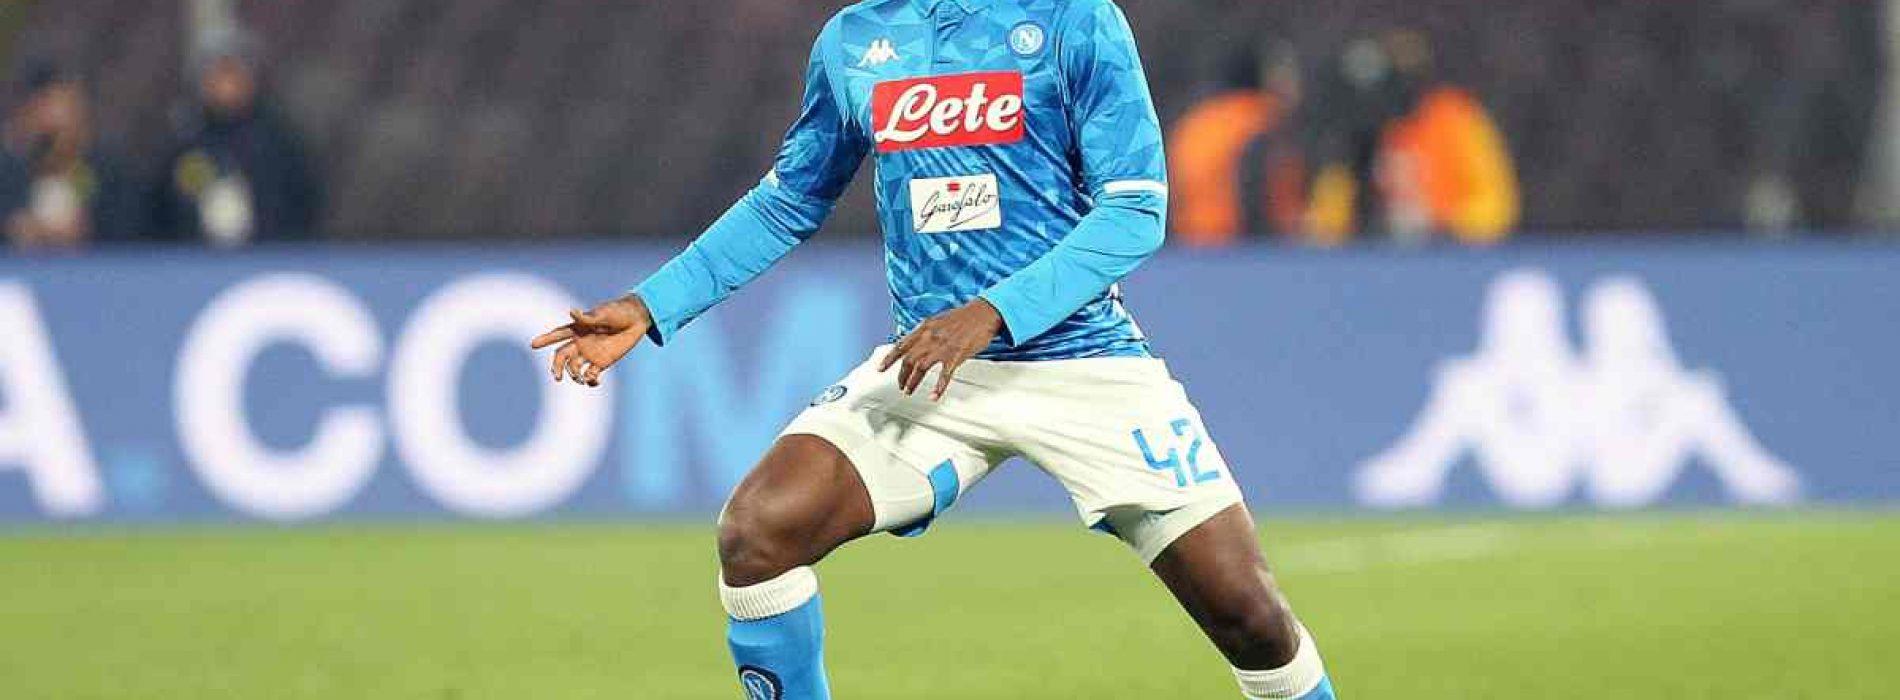 Napoli, Diawara al passo d'addio. Per lui futuro in Premier League – ESCLUSIVA EC